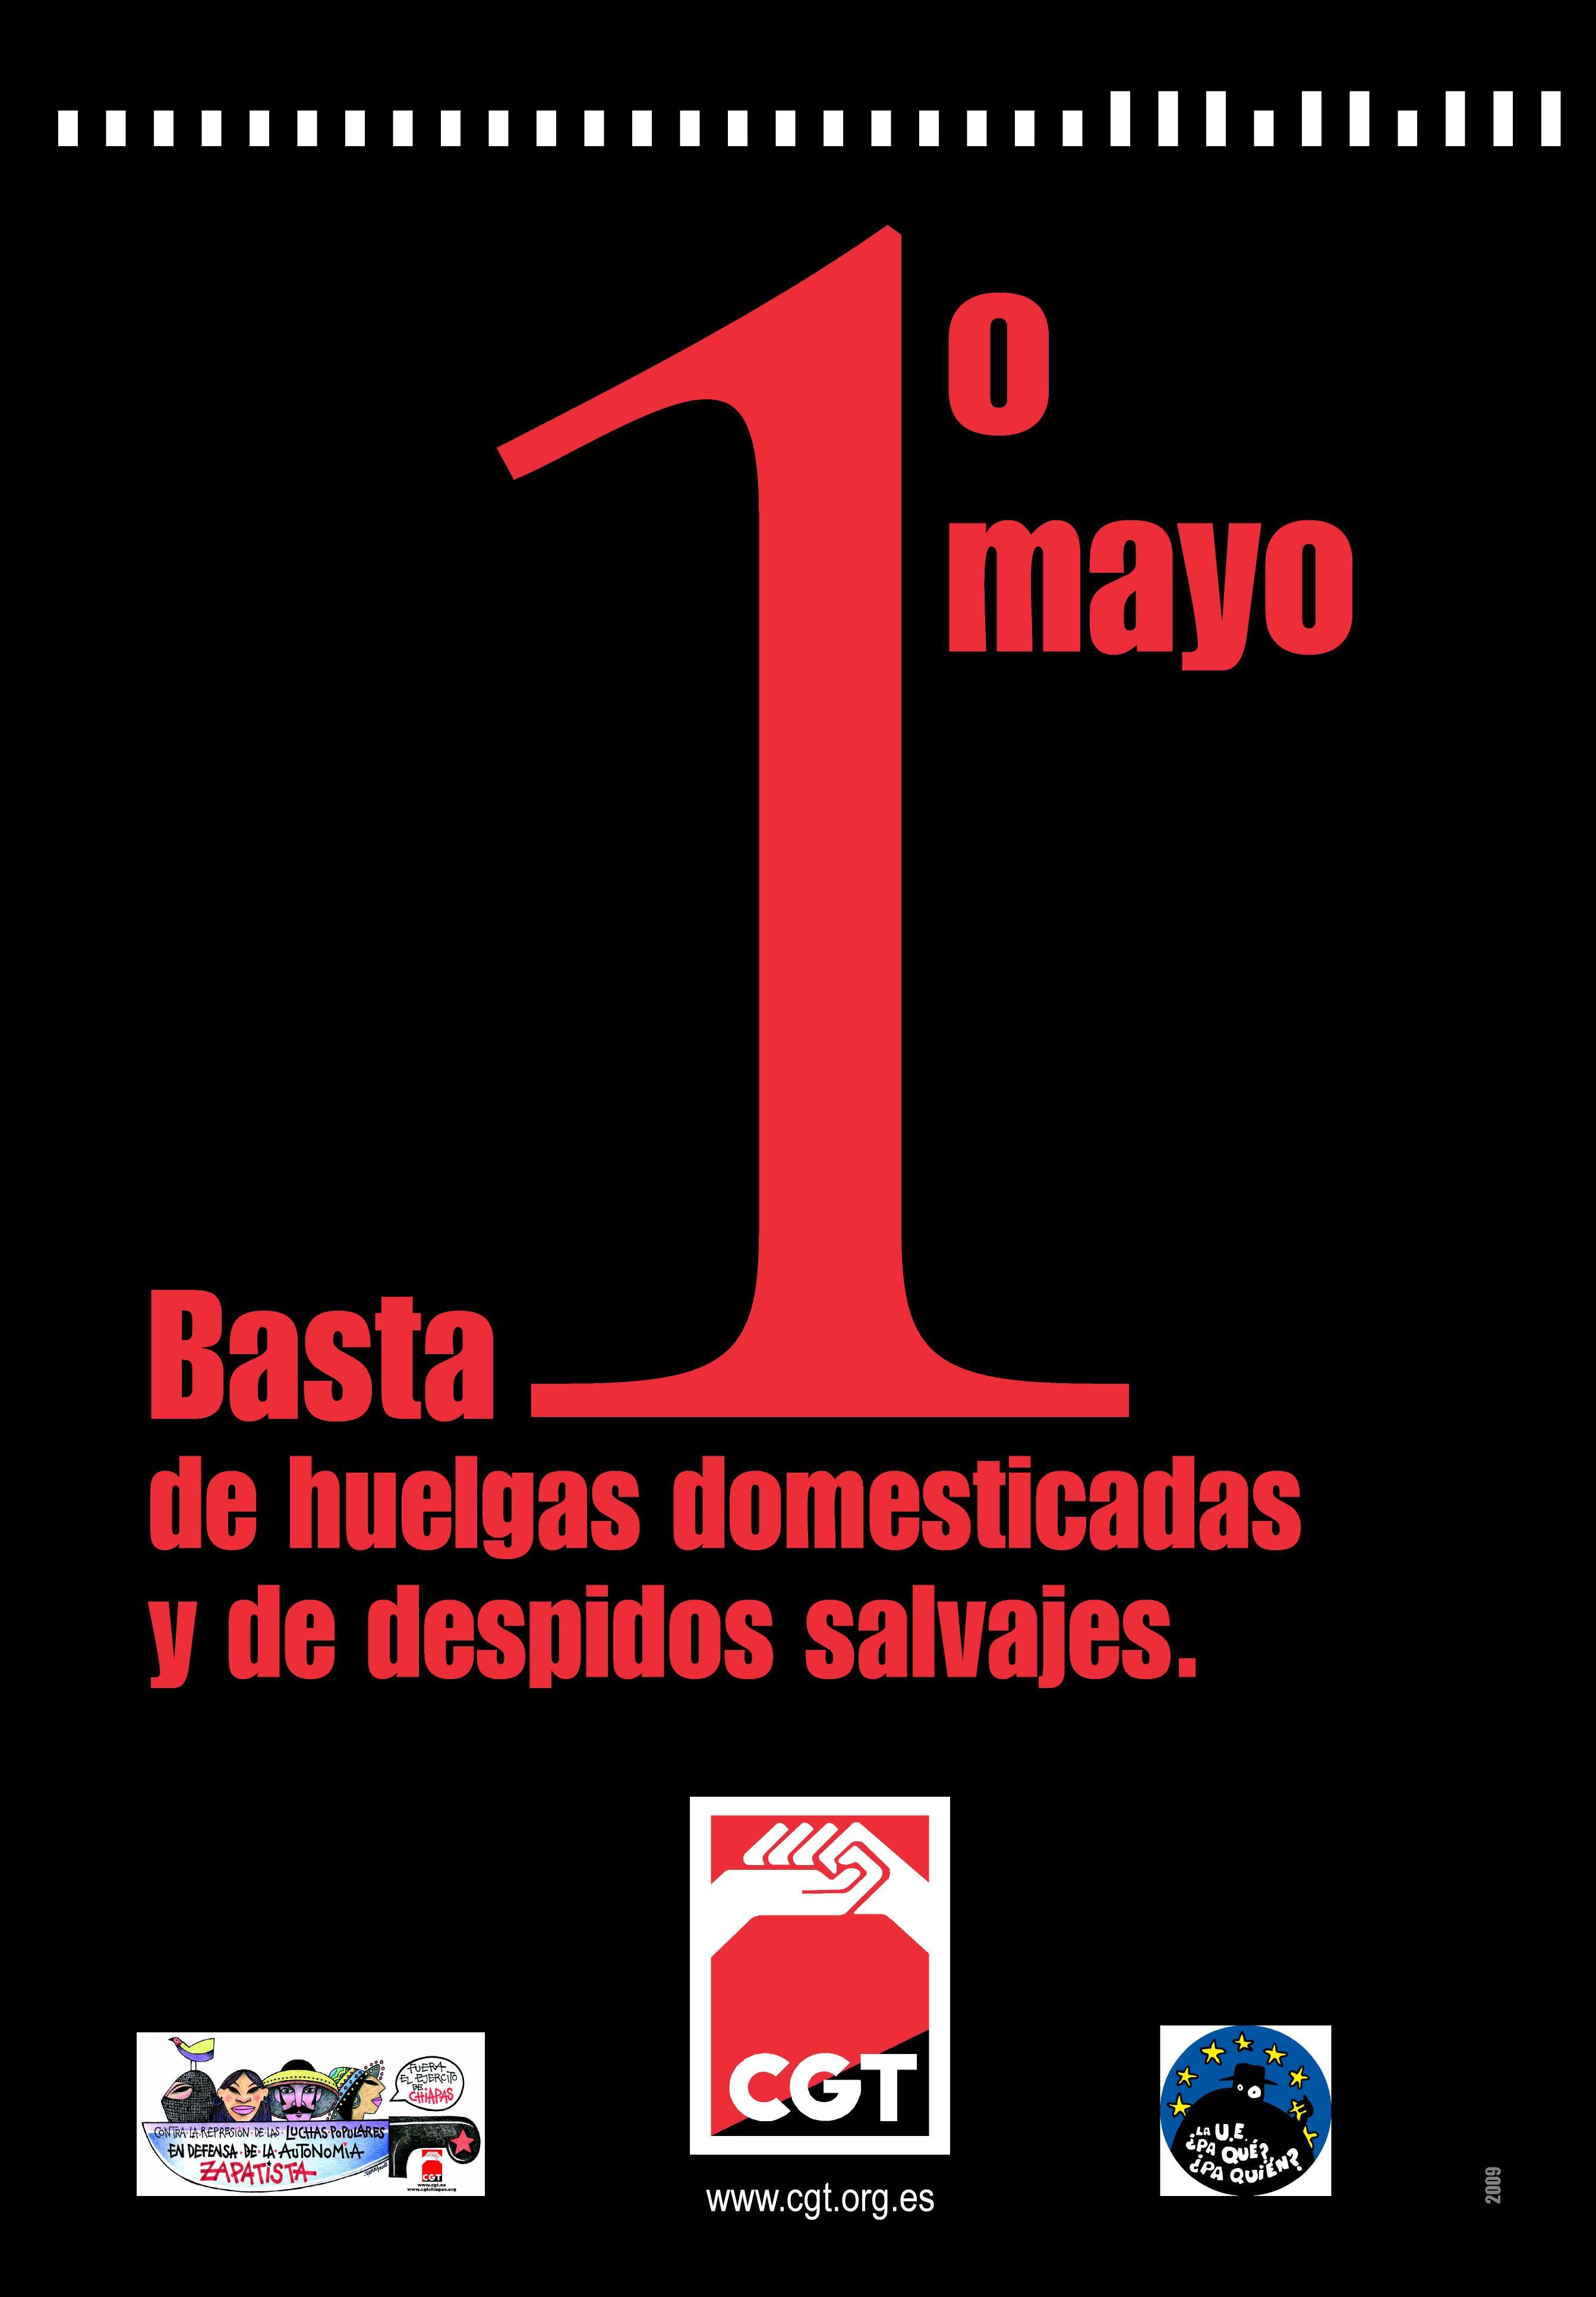 Por un Primero de Mayo combativo y reivindicativo: Basta de huelgas domesticadas y despidos salvajes!